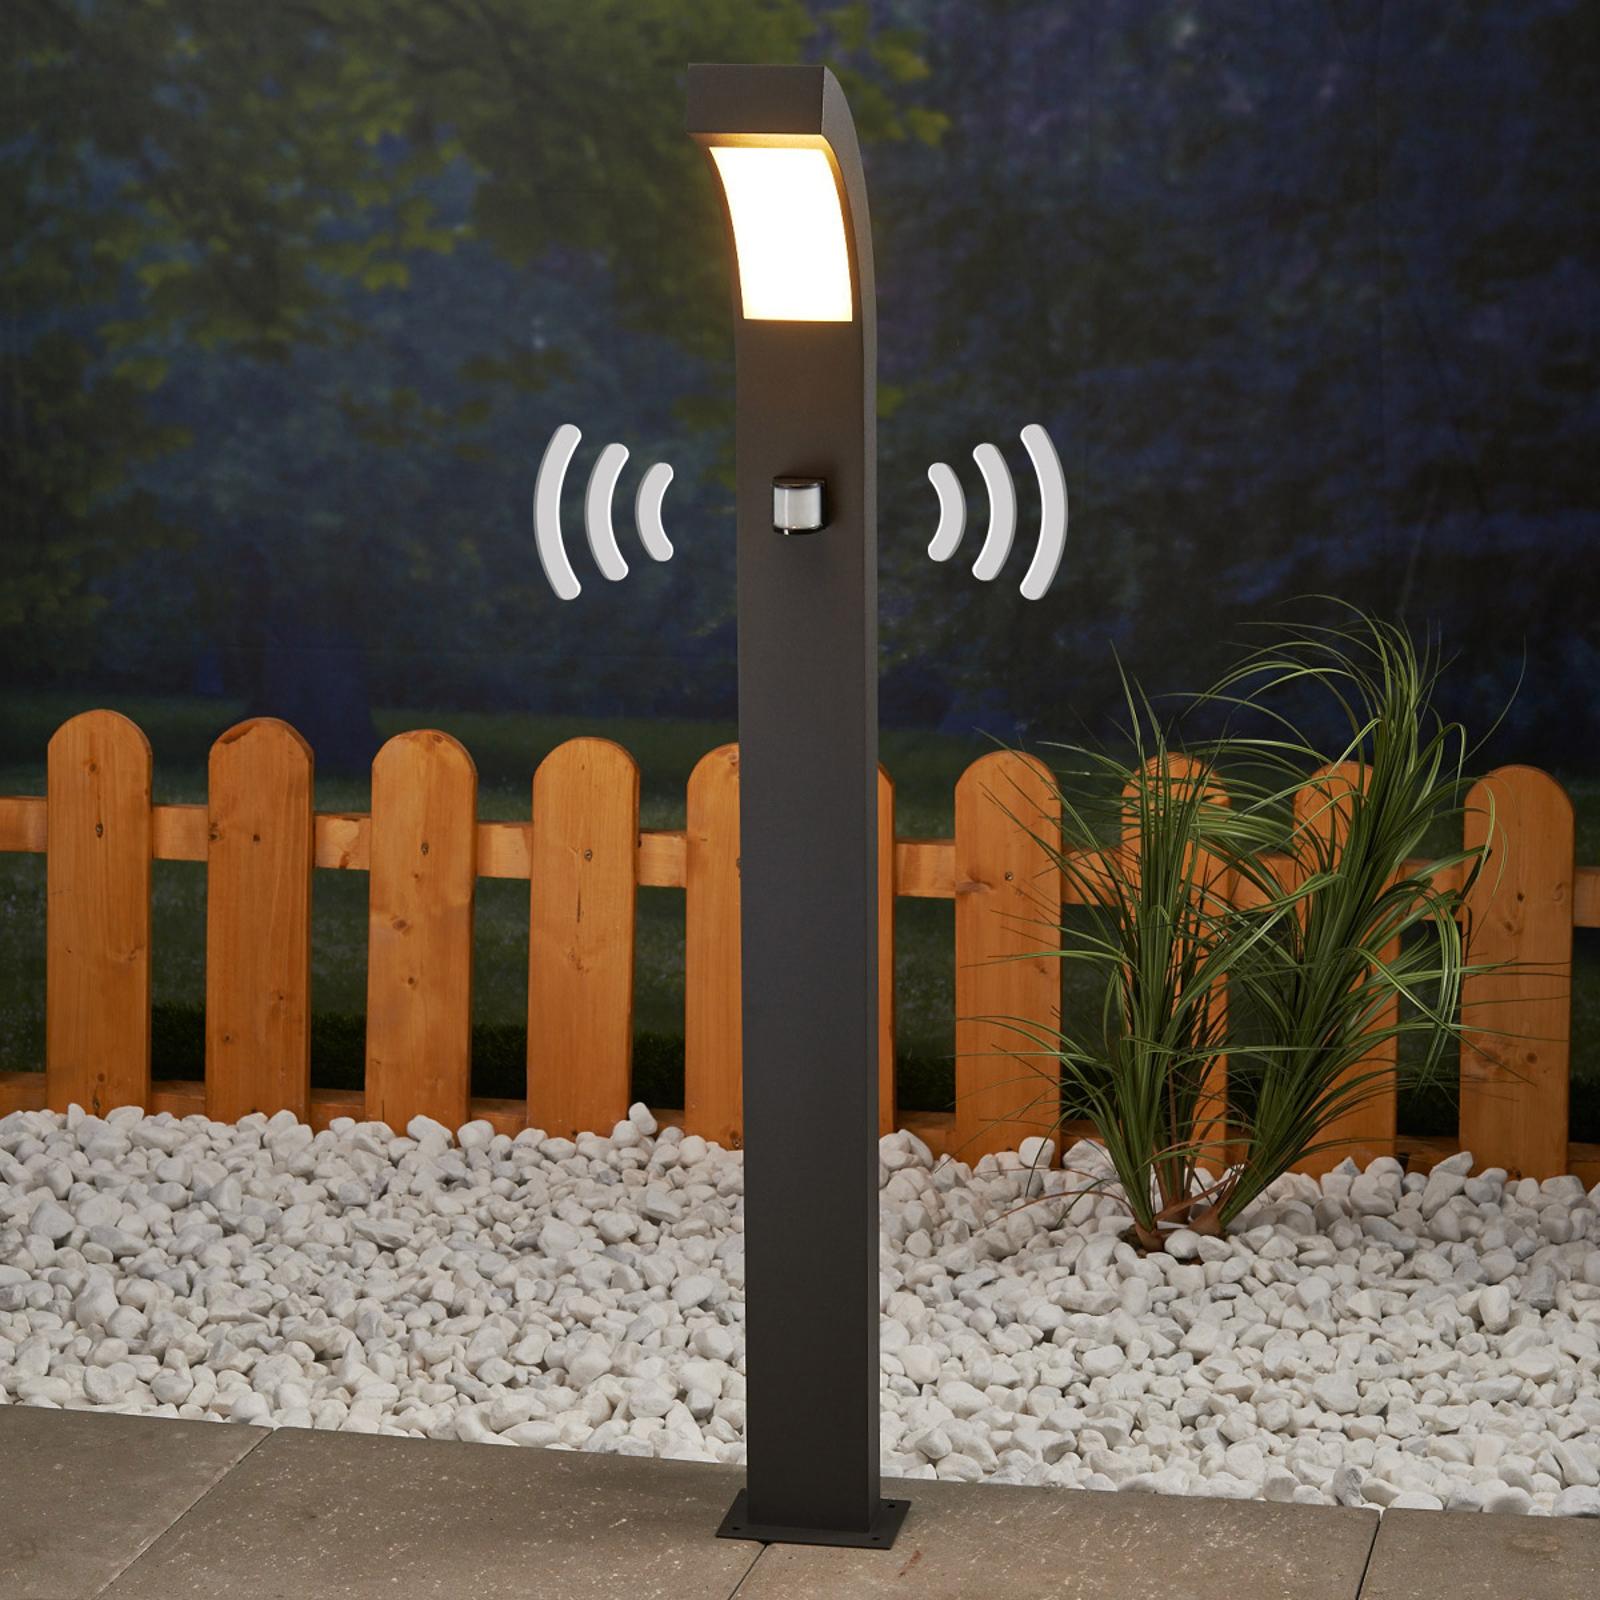 Rörelsedetektor-väglykta Lennik med LED-lampor